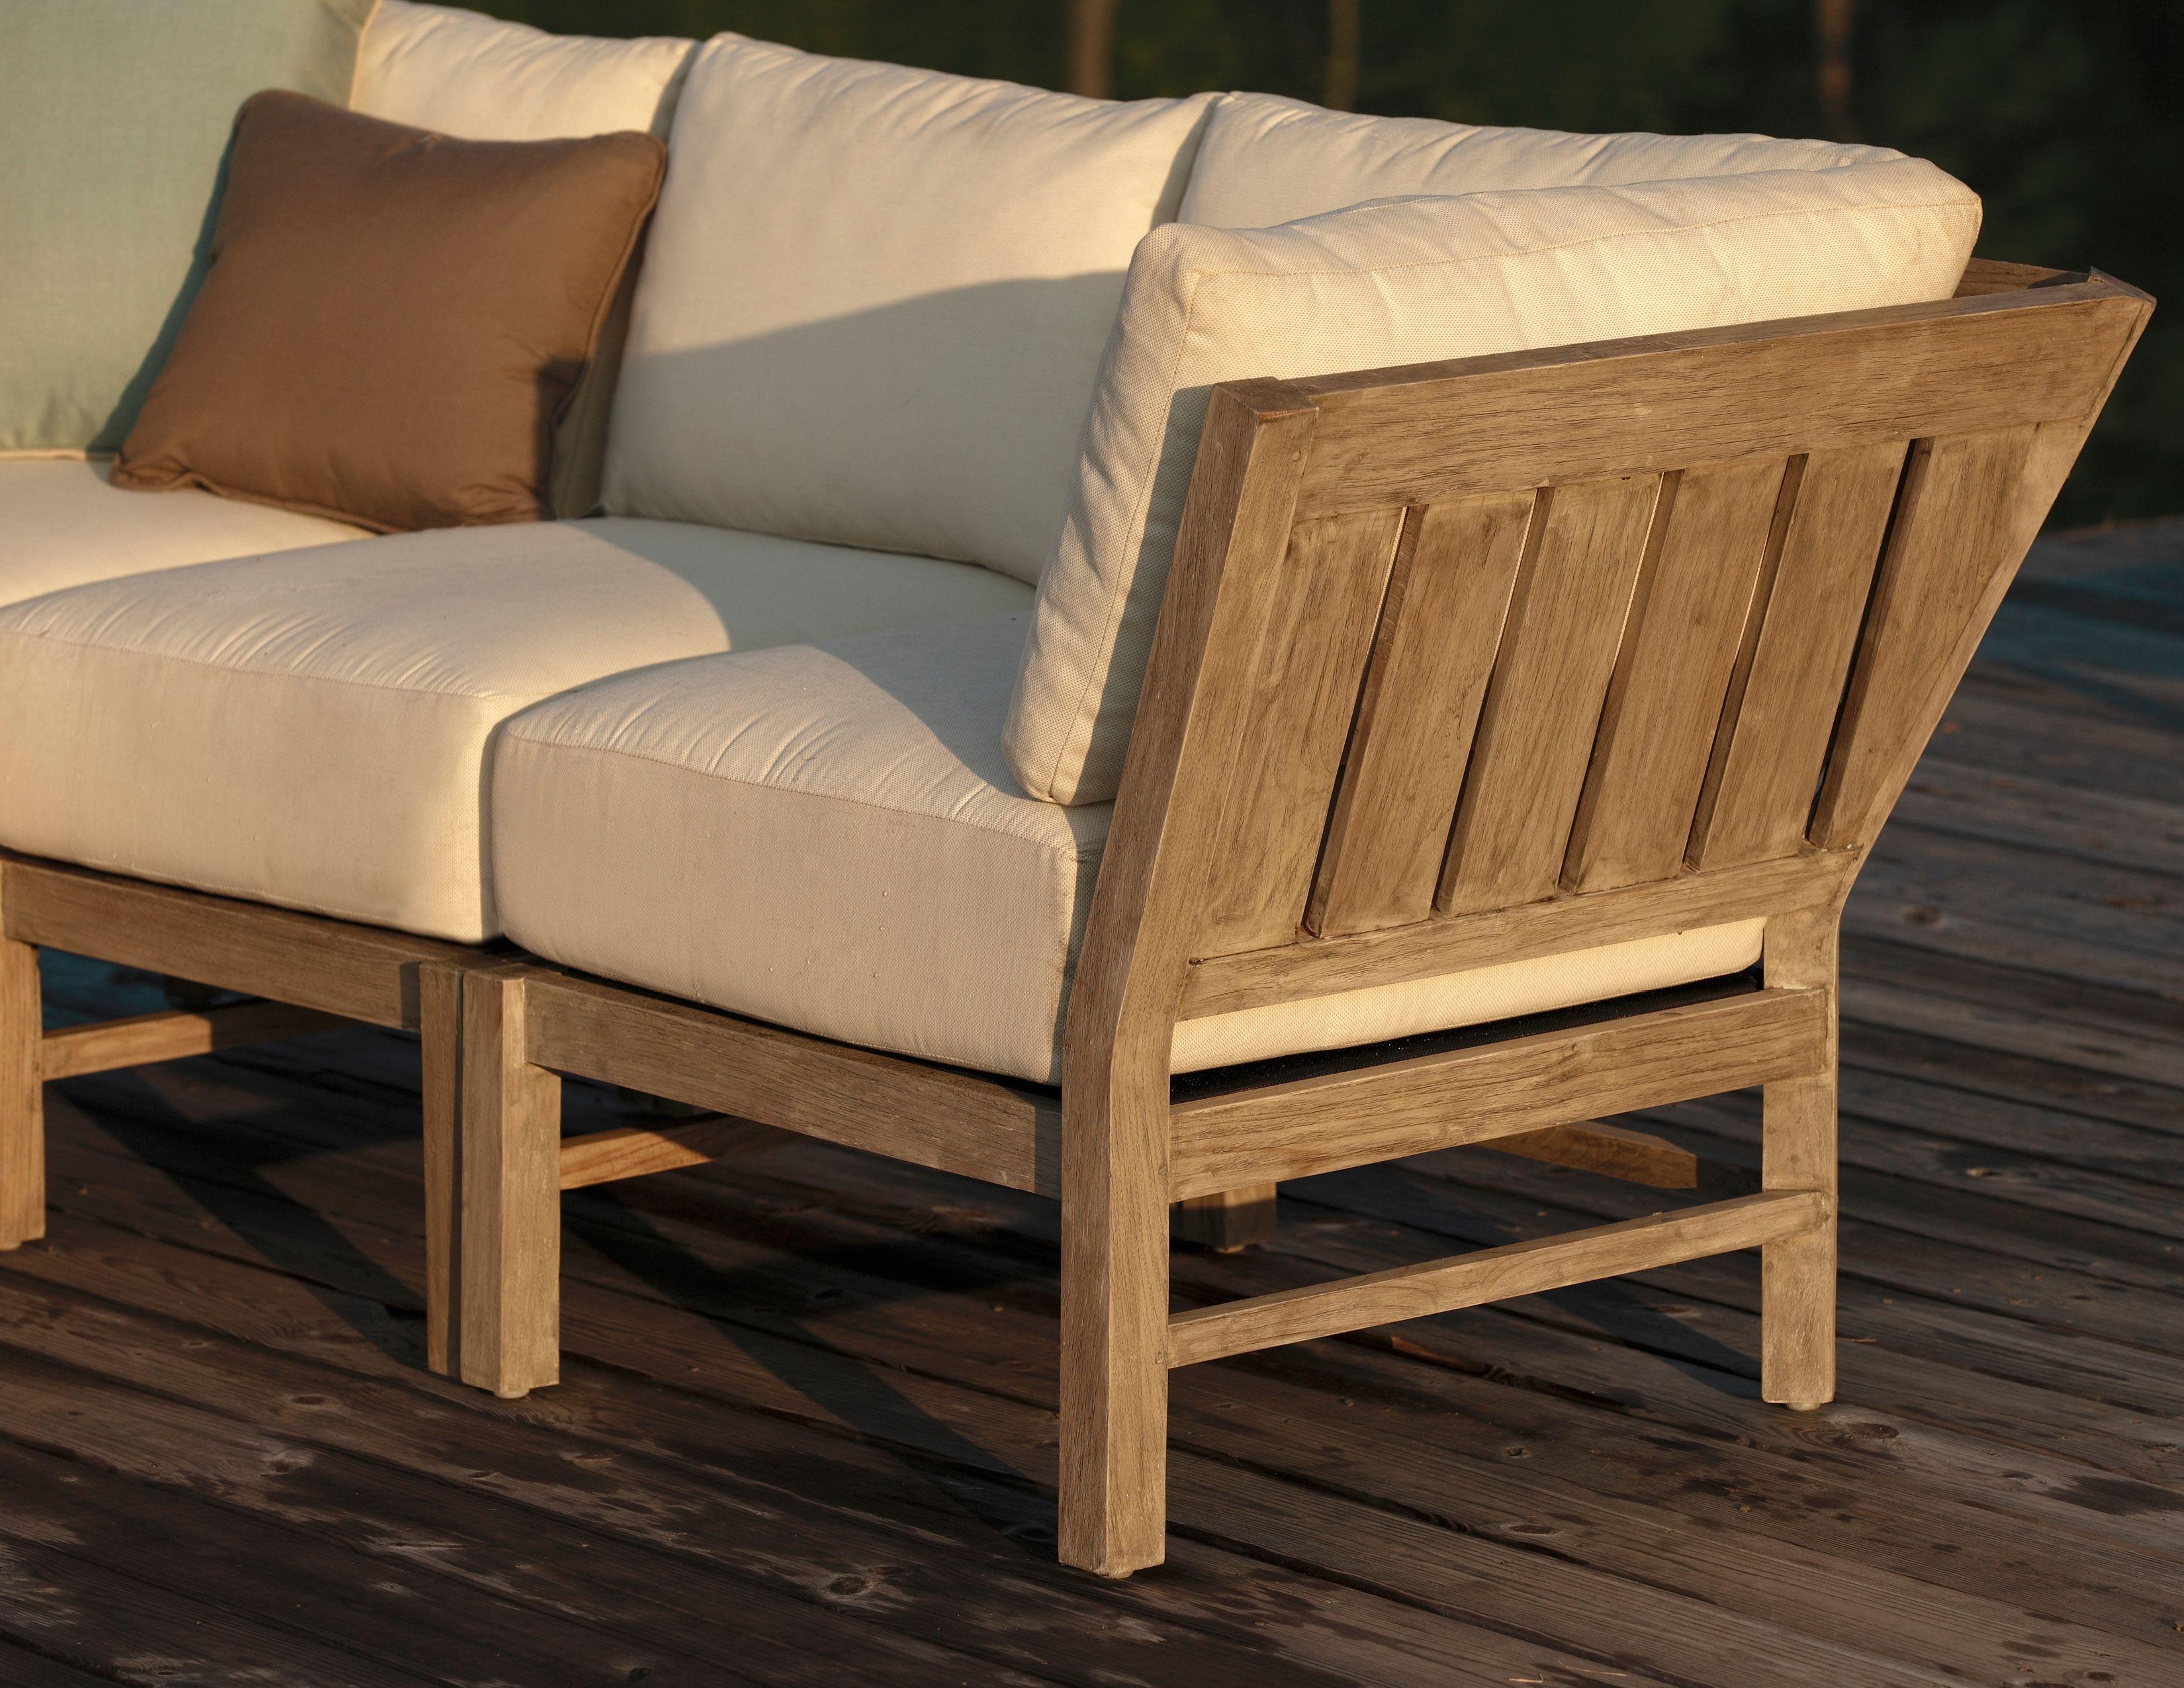 Teak Outdoor Sectional Sofa hmmi